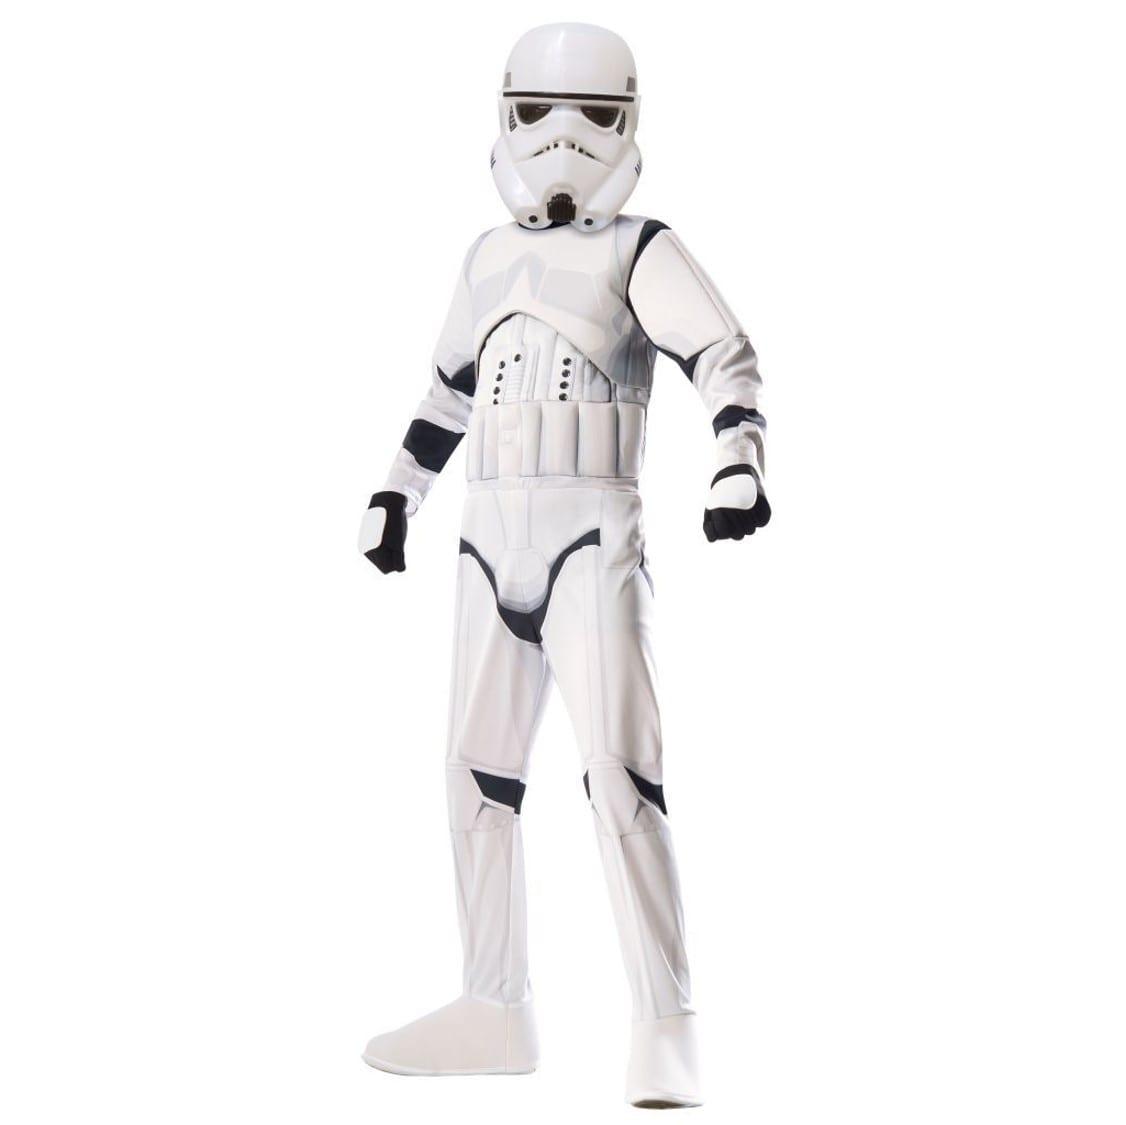 תחפושת סטורם טרופר מהודר לילדים – מלחמת הכוכבים – פורים רוביס